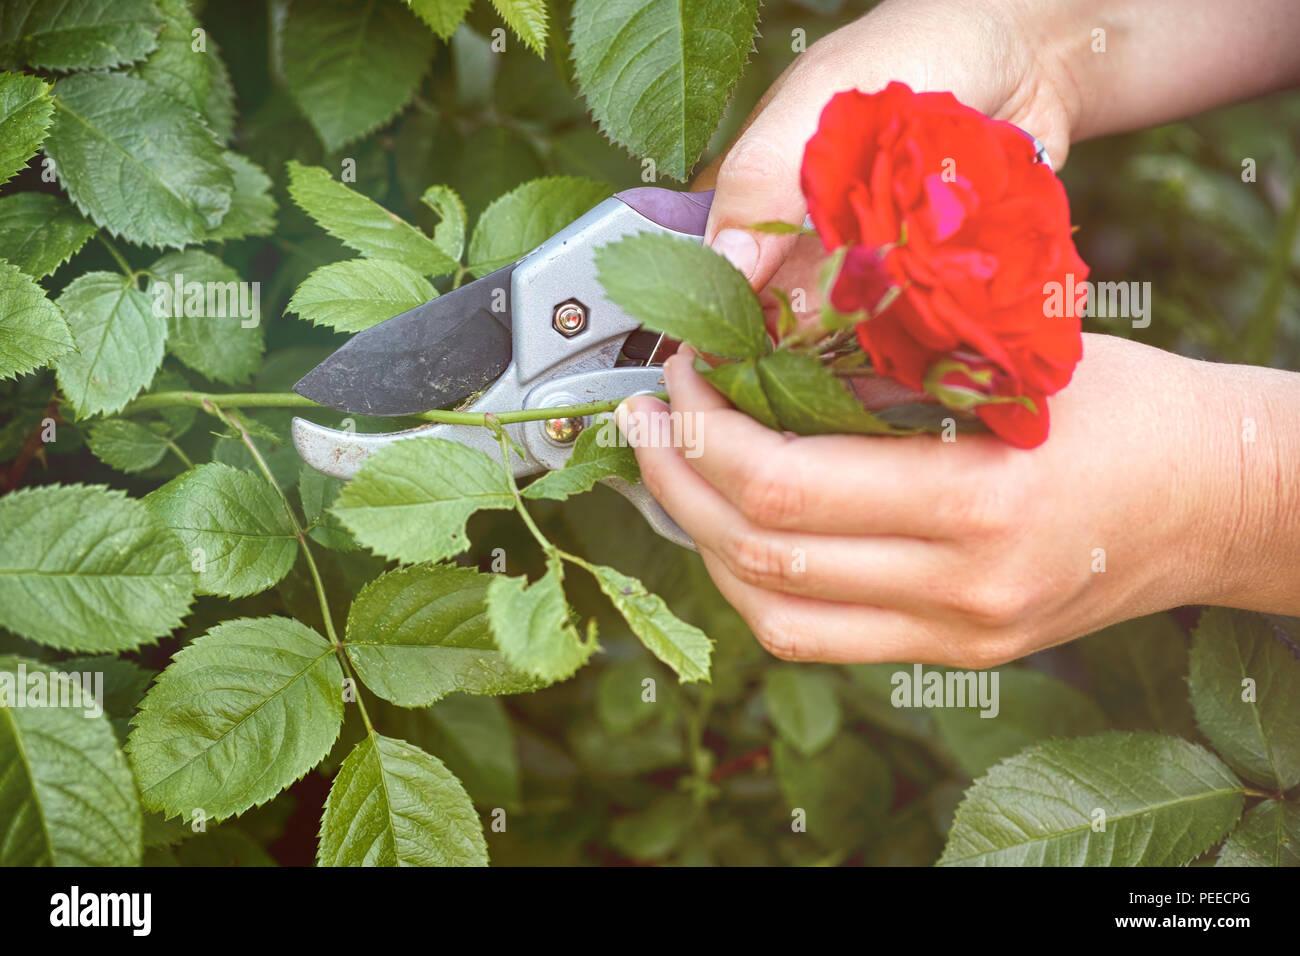 Frau Hände mit Garten Scheren Schneiden rote Rose von Bush. Close-up. Stockbild